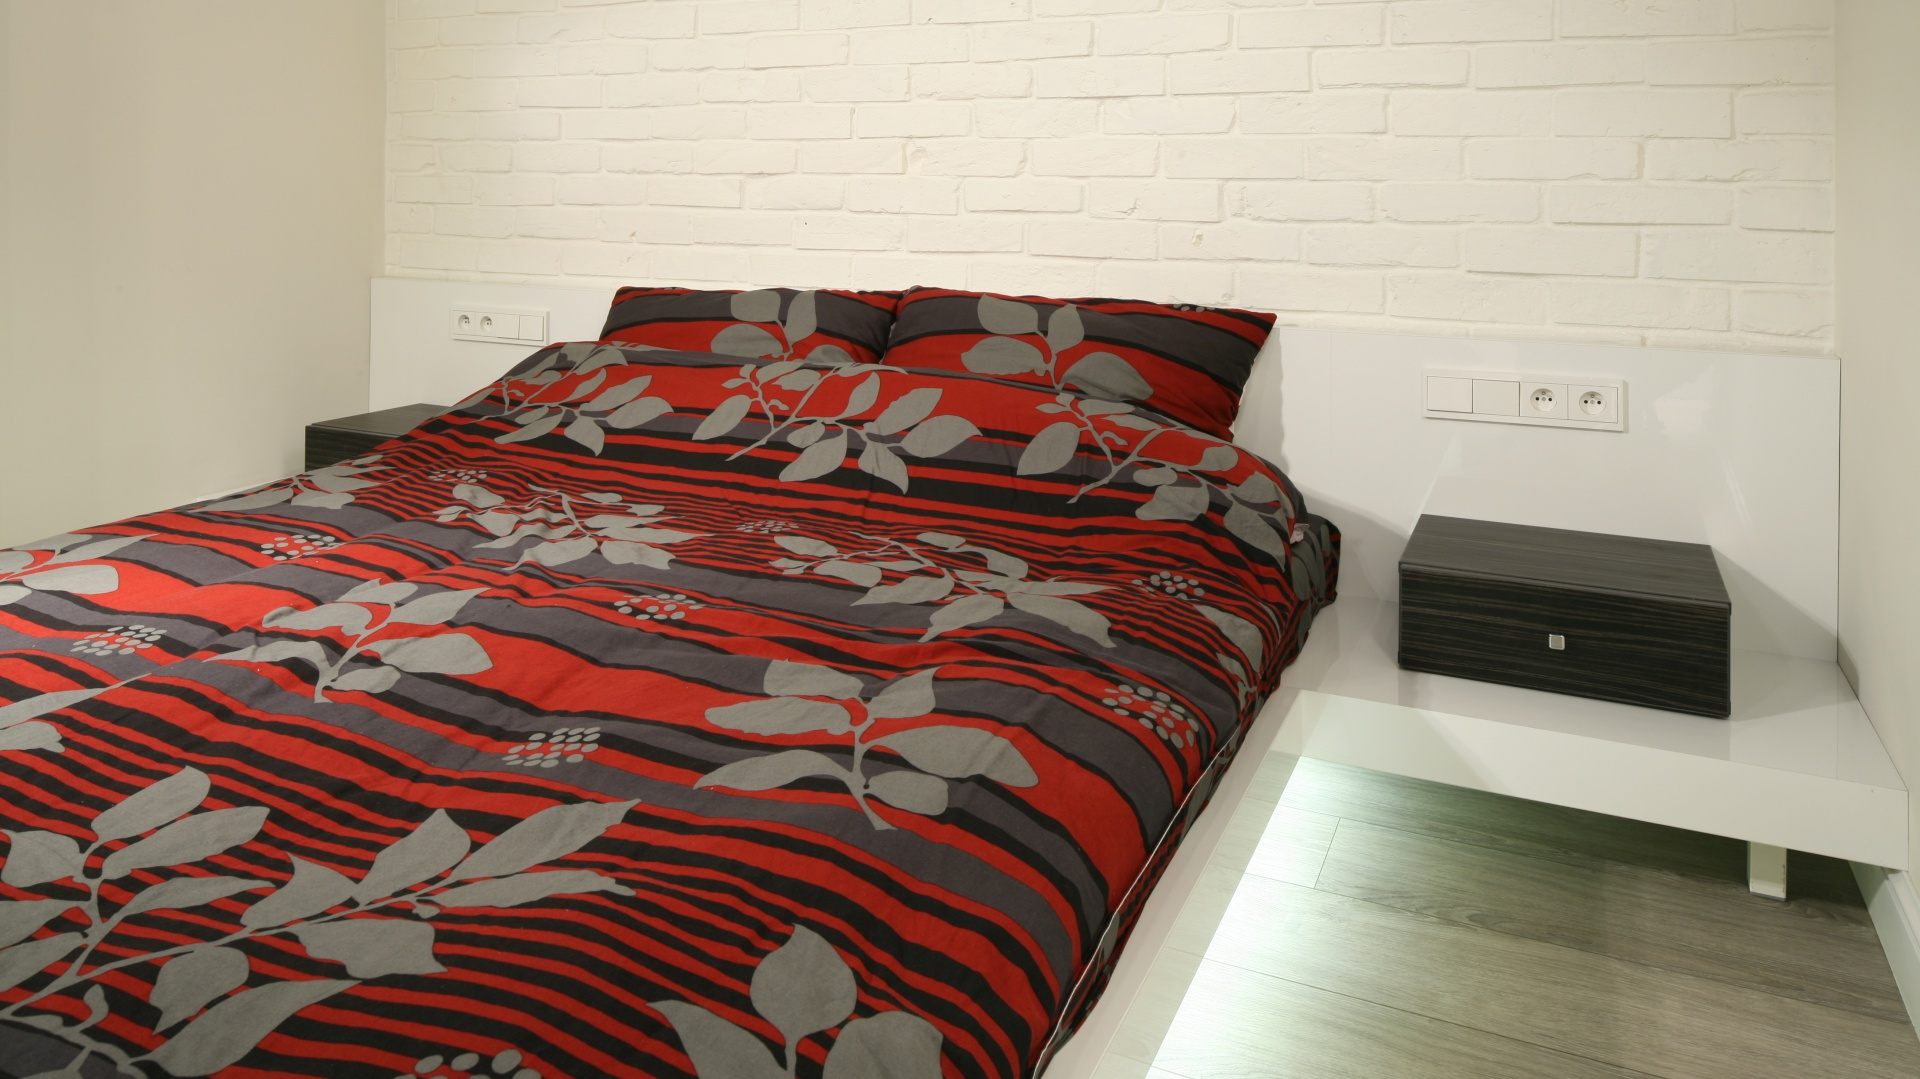 Ściana za łóżkiem ozdobiona cegłą oraz podłoga wykonana z desek sprawiają, że minimalistyczne wnętrze wygląda bardziej przytulnie. Nie traci przy tym swojego nowoczesnego stylu. Projekt: Dominik Respondek. Fot. Bartosz Jarosz.